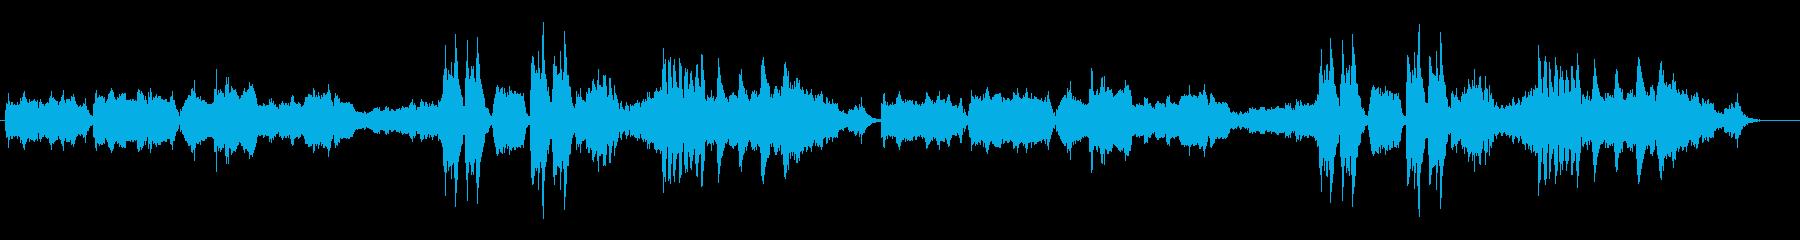 ドラクエダンジョン風不気味なオーケストラの再生済みの波形